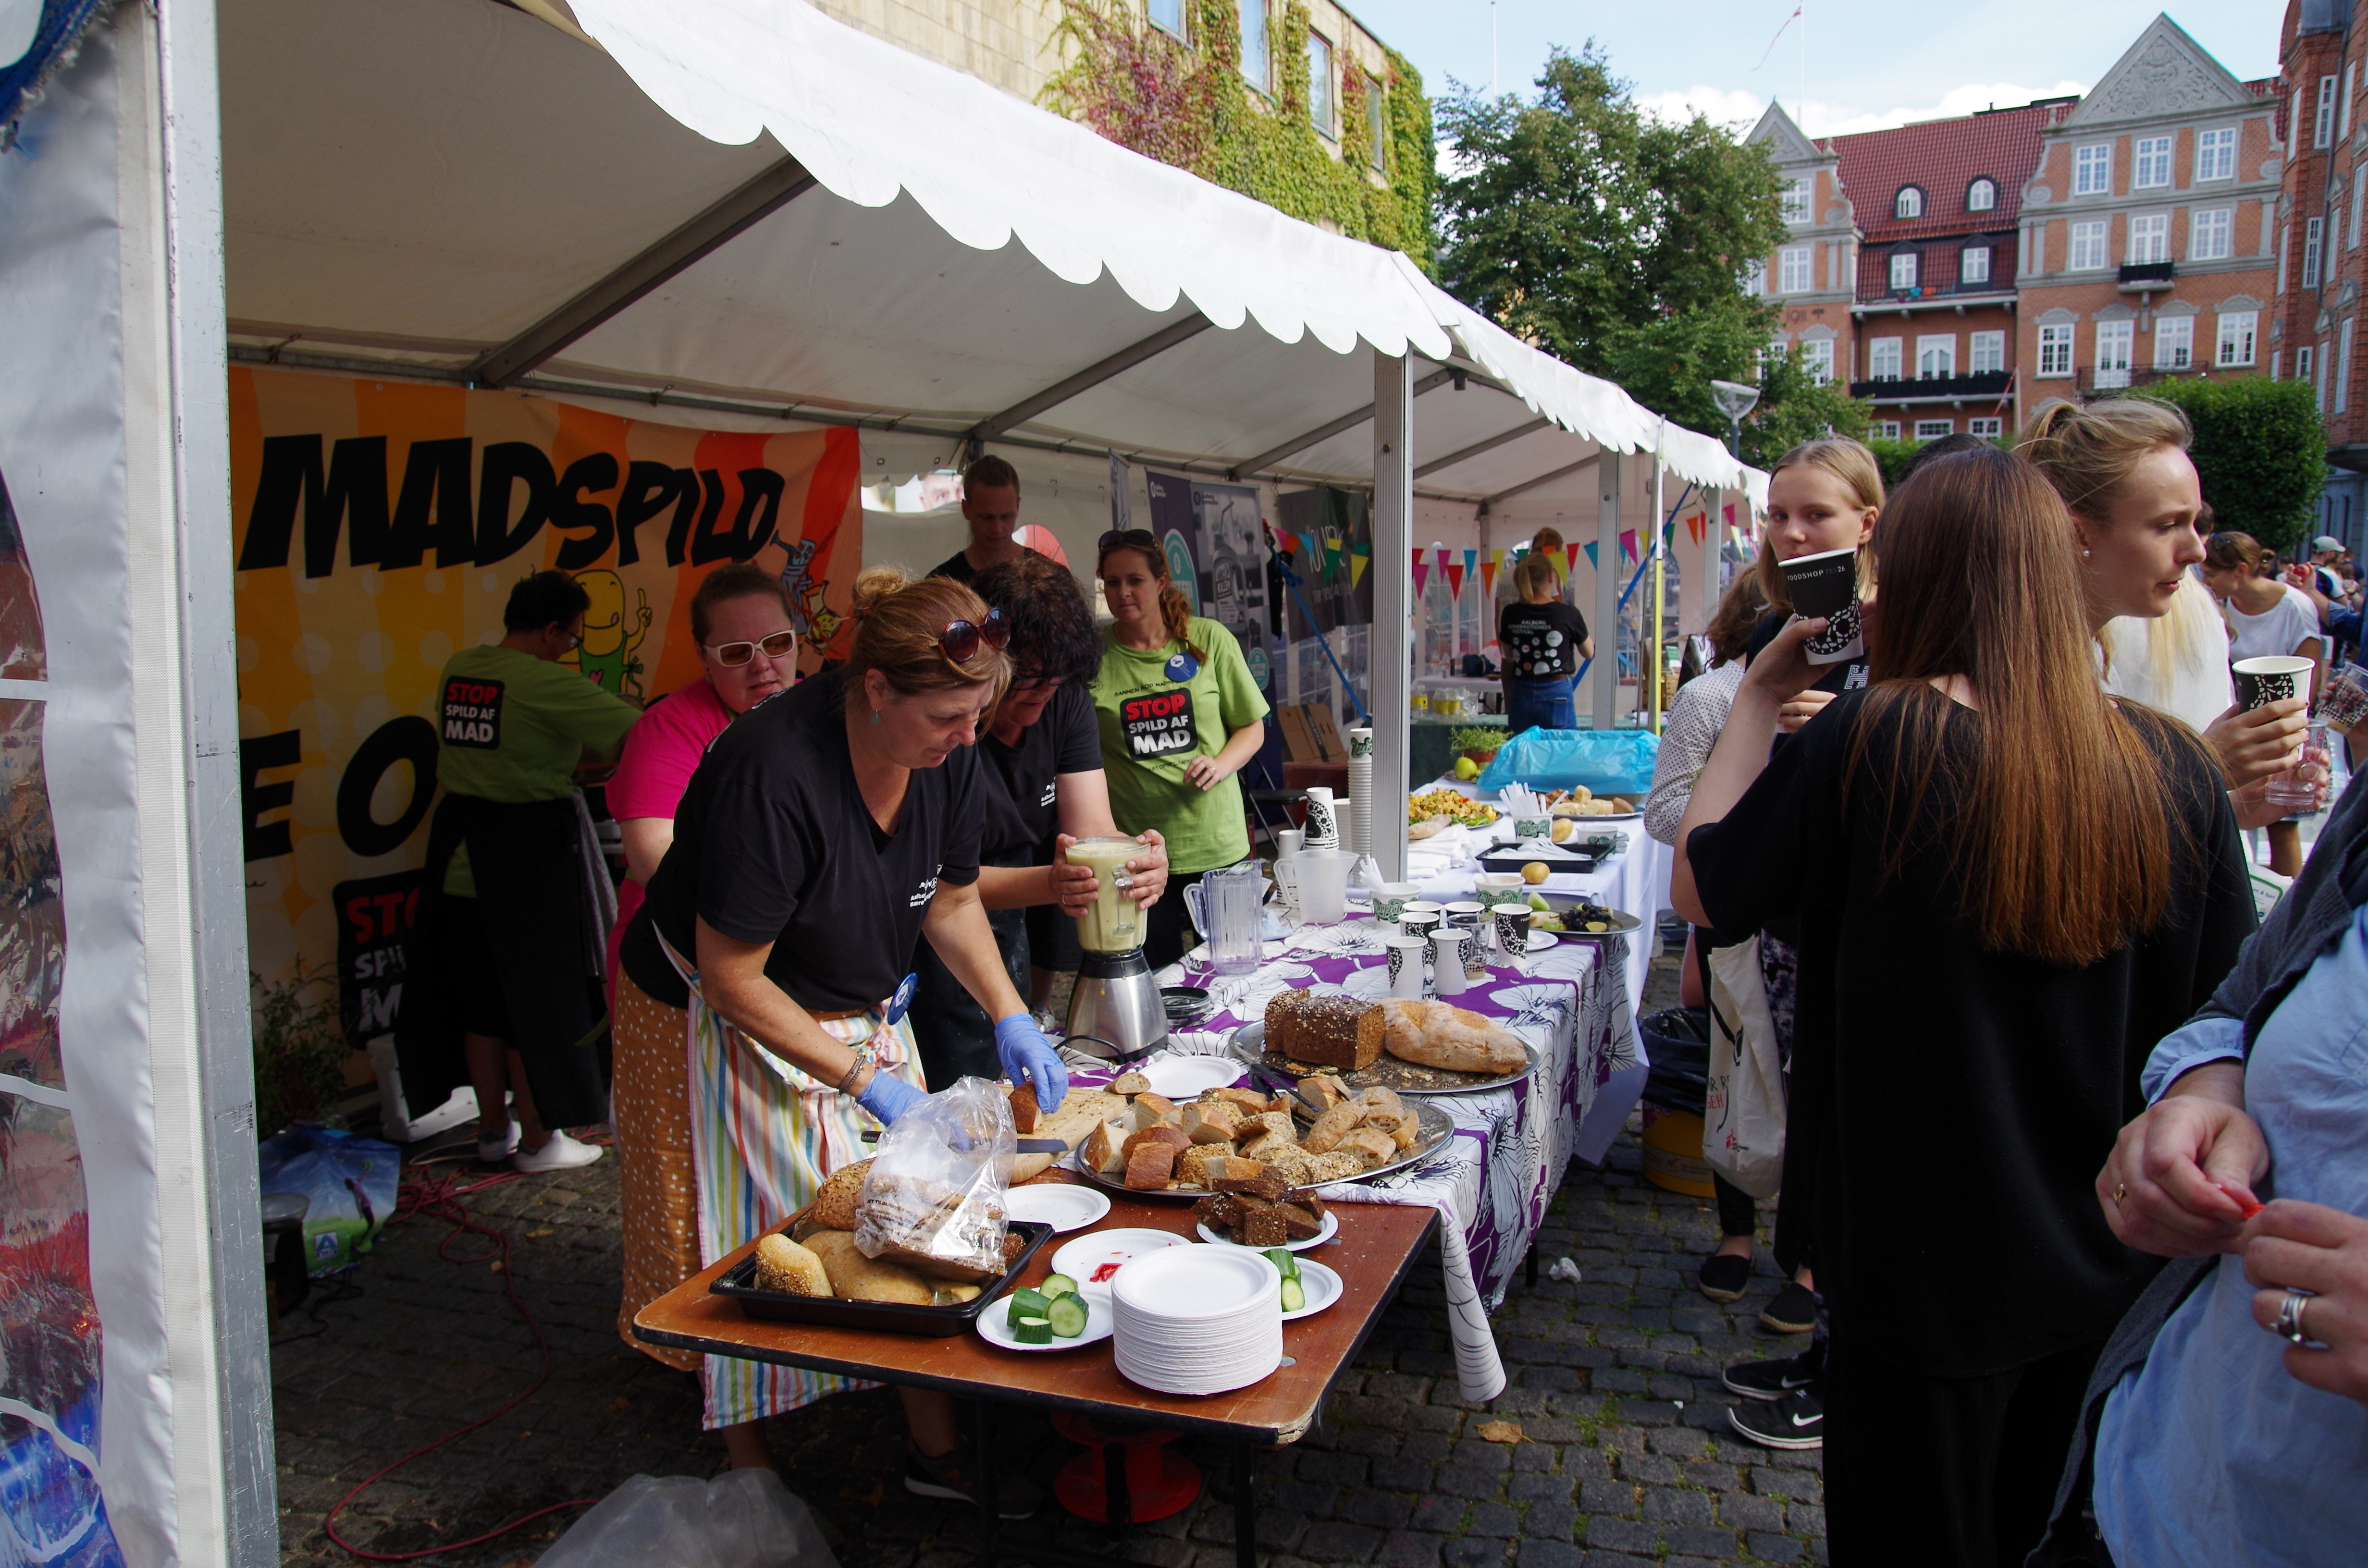 Fylder byen med aktiviteter: Det skal du opleve til Aalborg Bæredygtigheds-festival